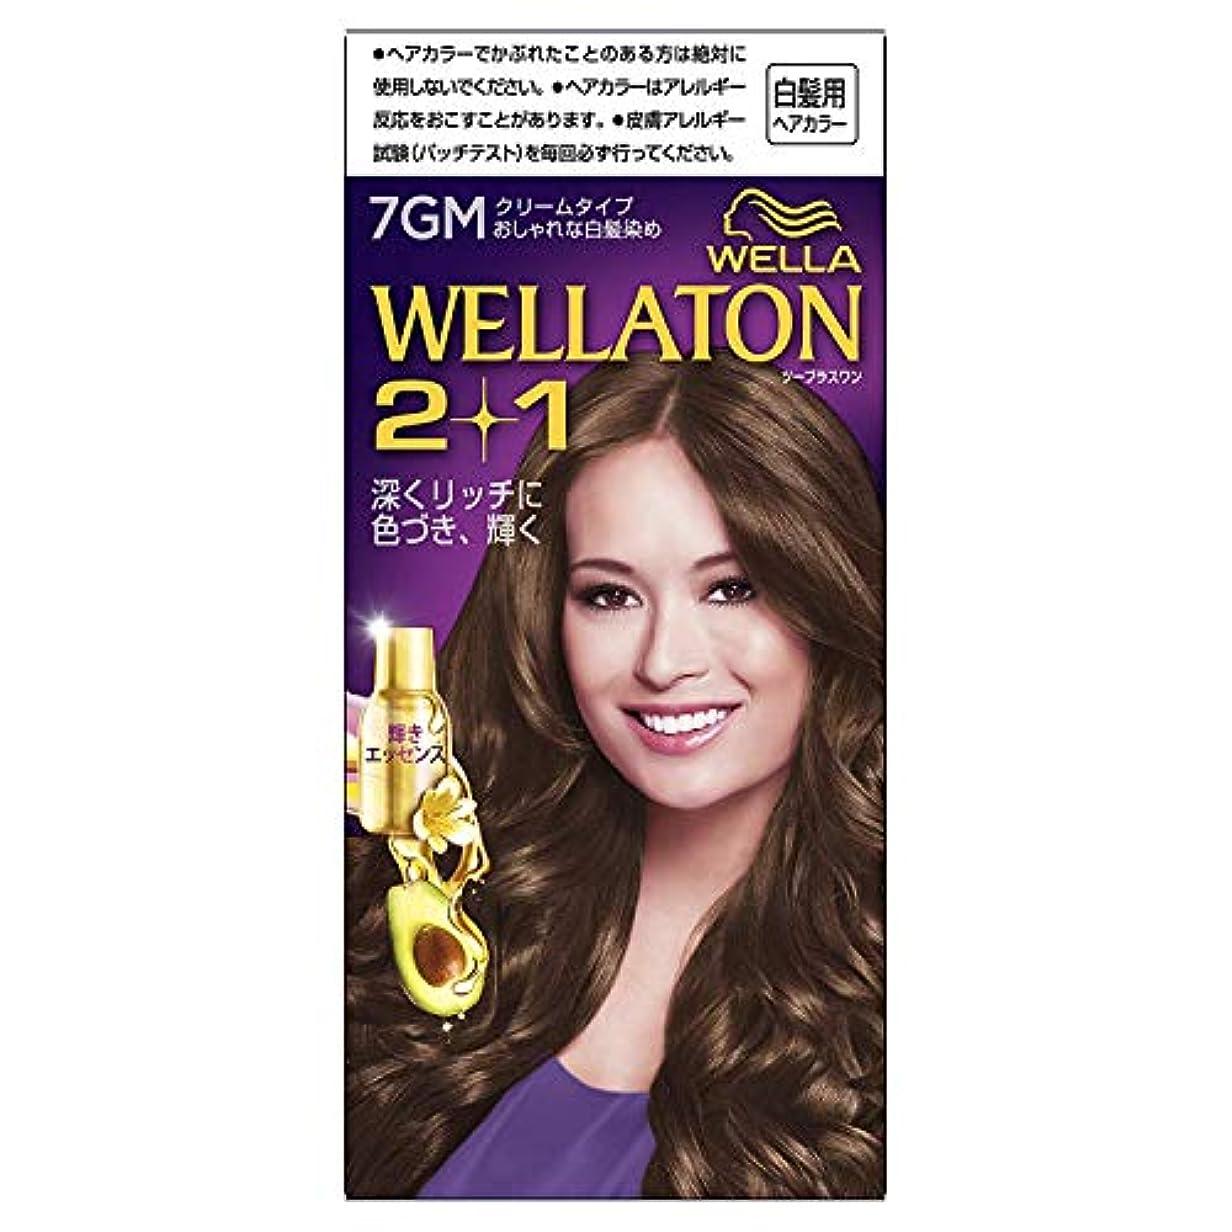 同様に分泌する感情のウエラトーン2+1 白髪染め クリームタイプ 7GM [医薬部外品] ×6個